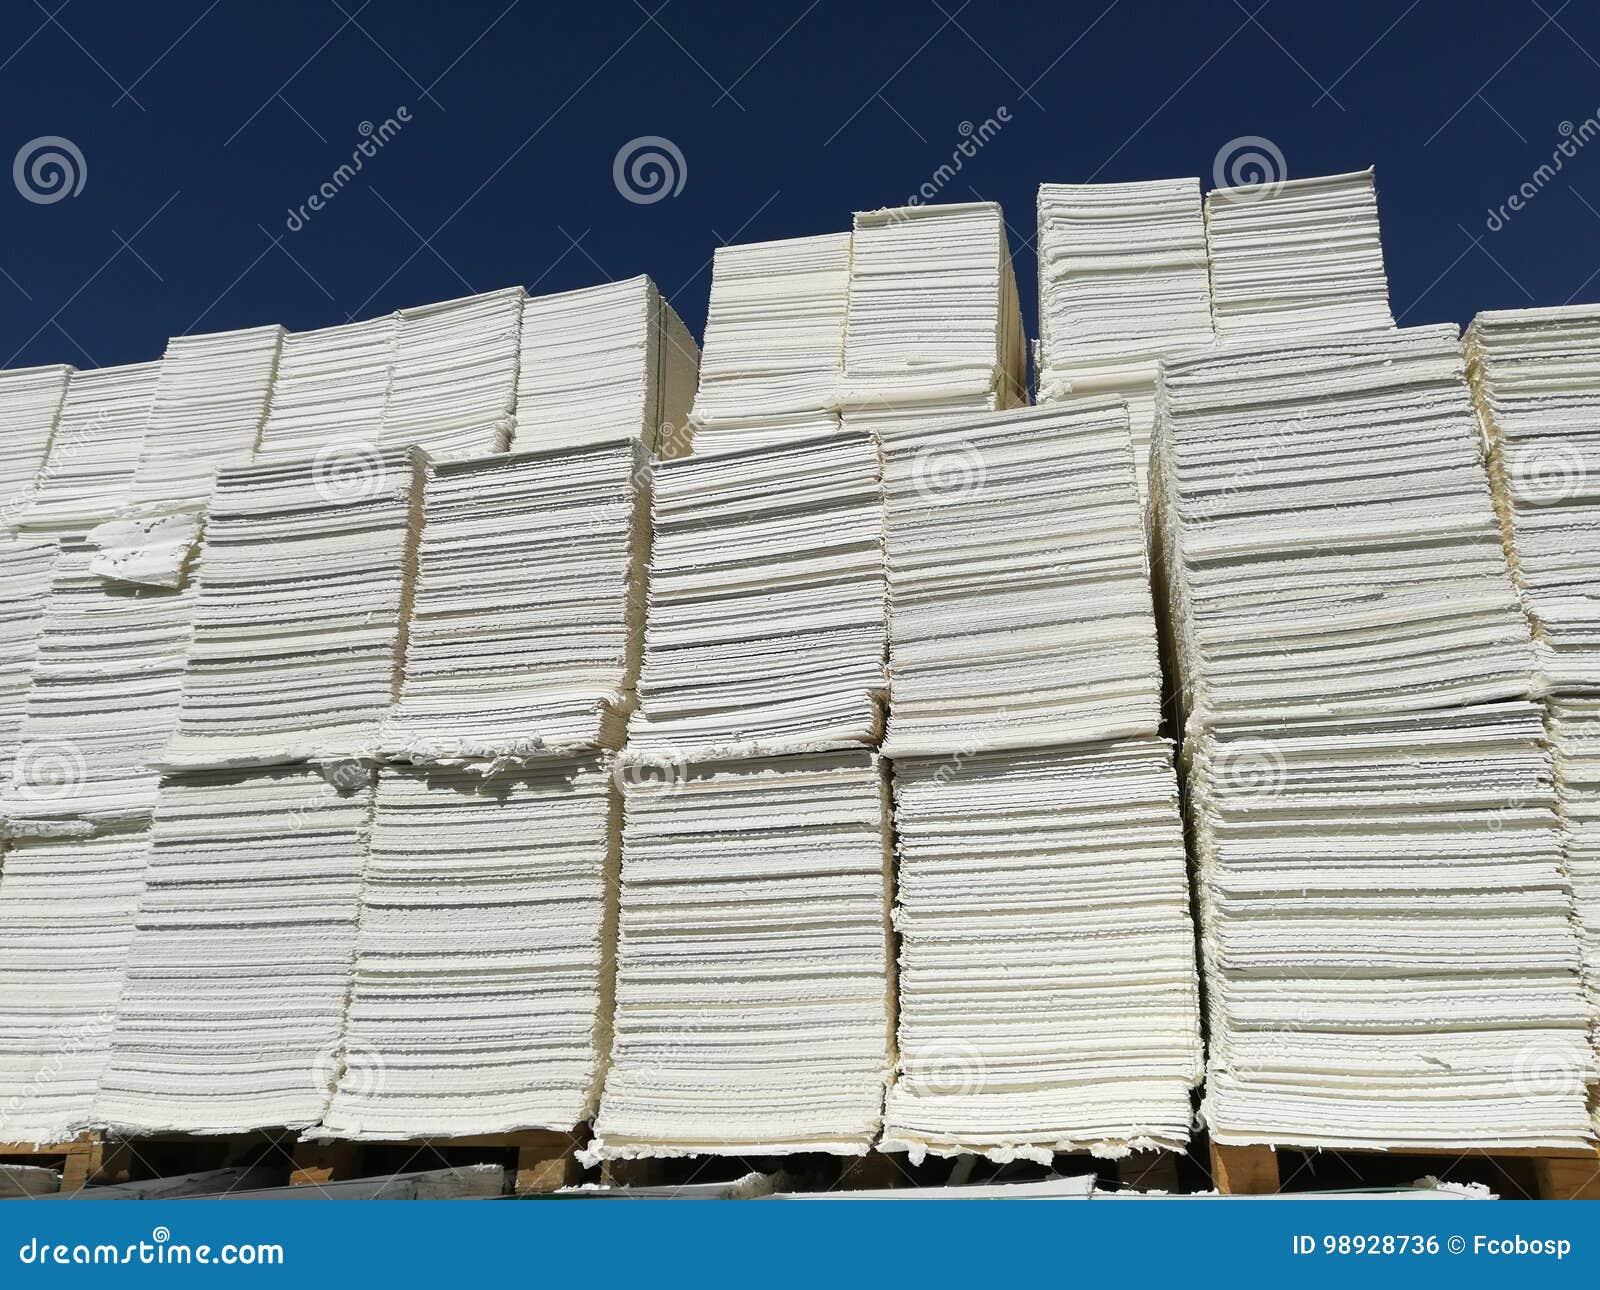 Πολτός χαρτιού για τη βιομηχανία χαρτιού, ακατέργαστο χαρτί